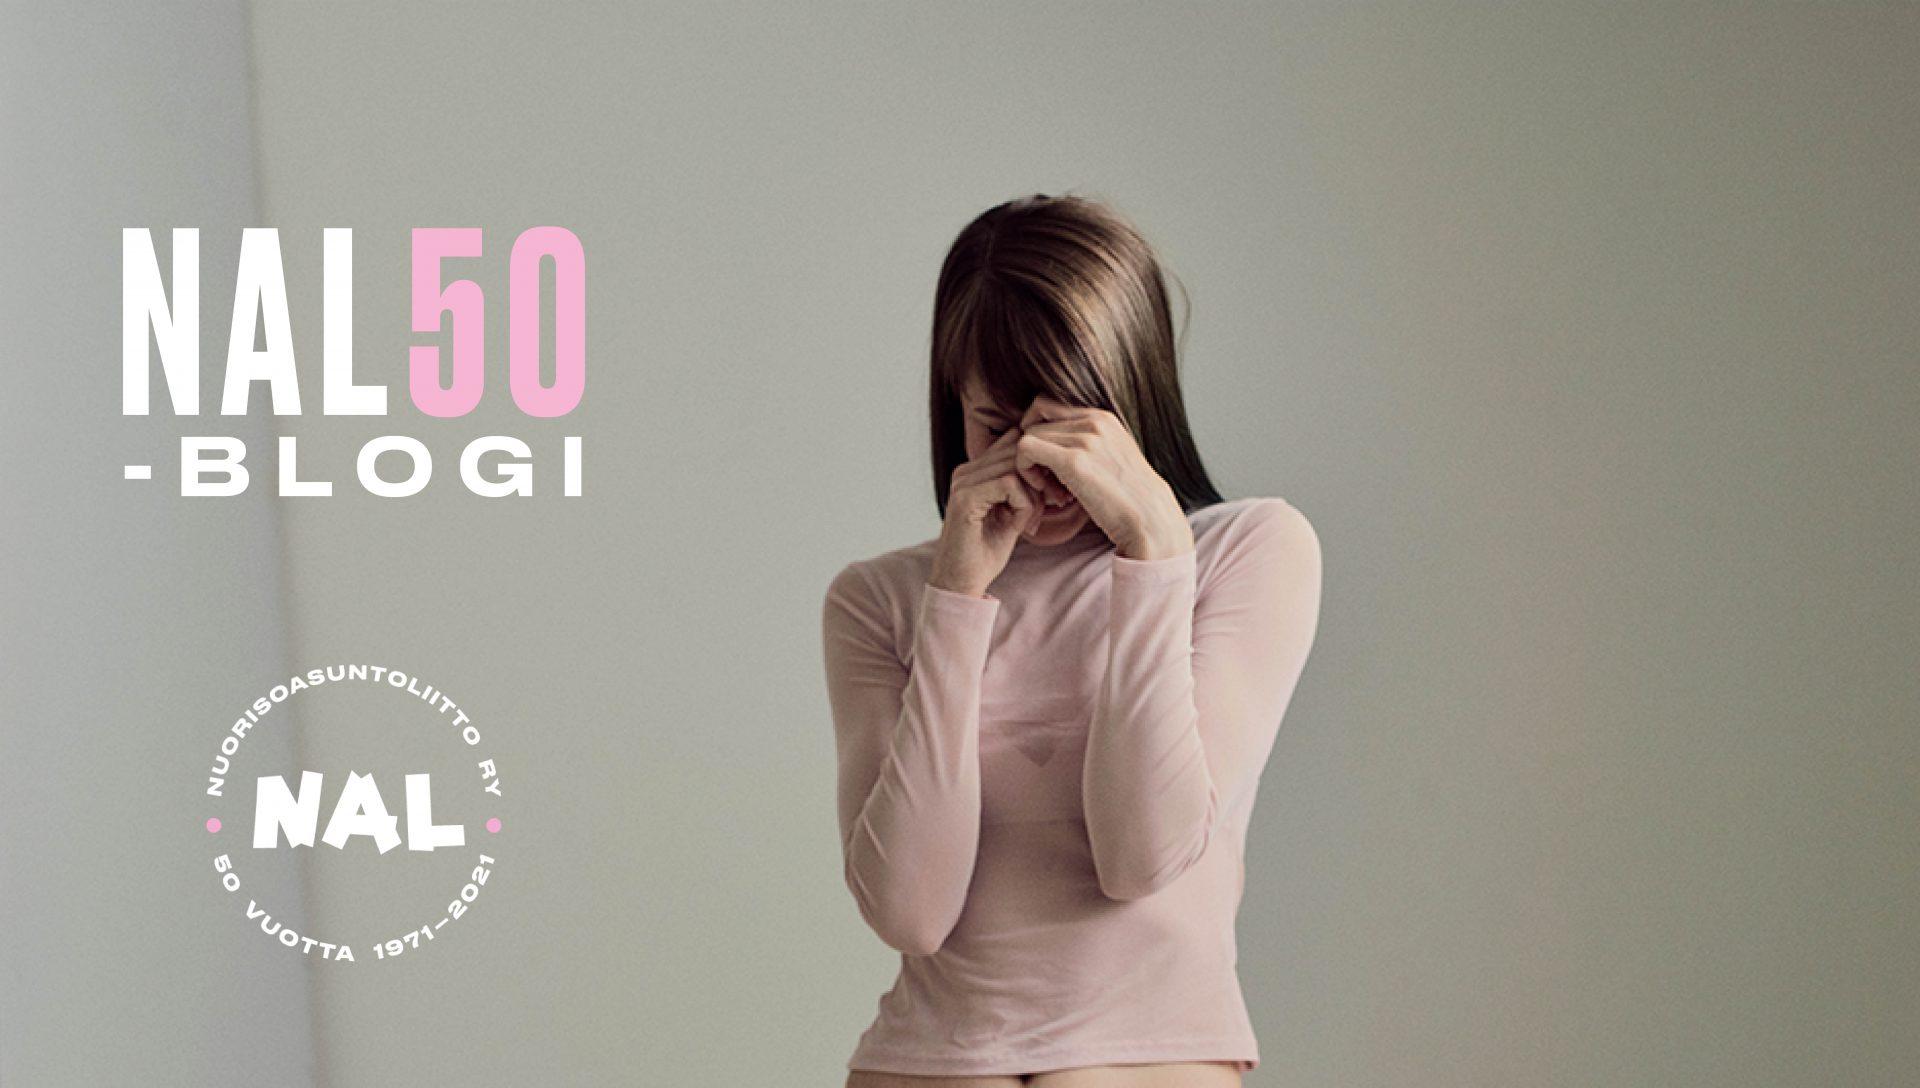 NAL 50 -blogi